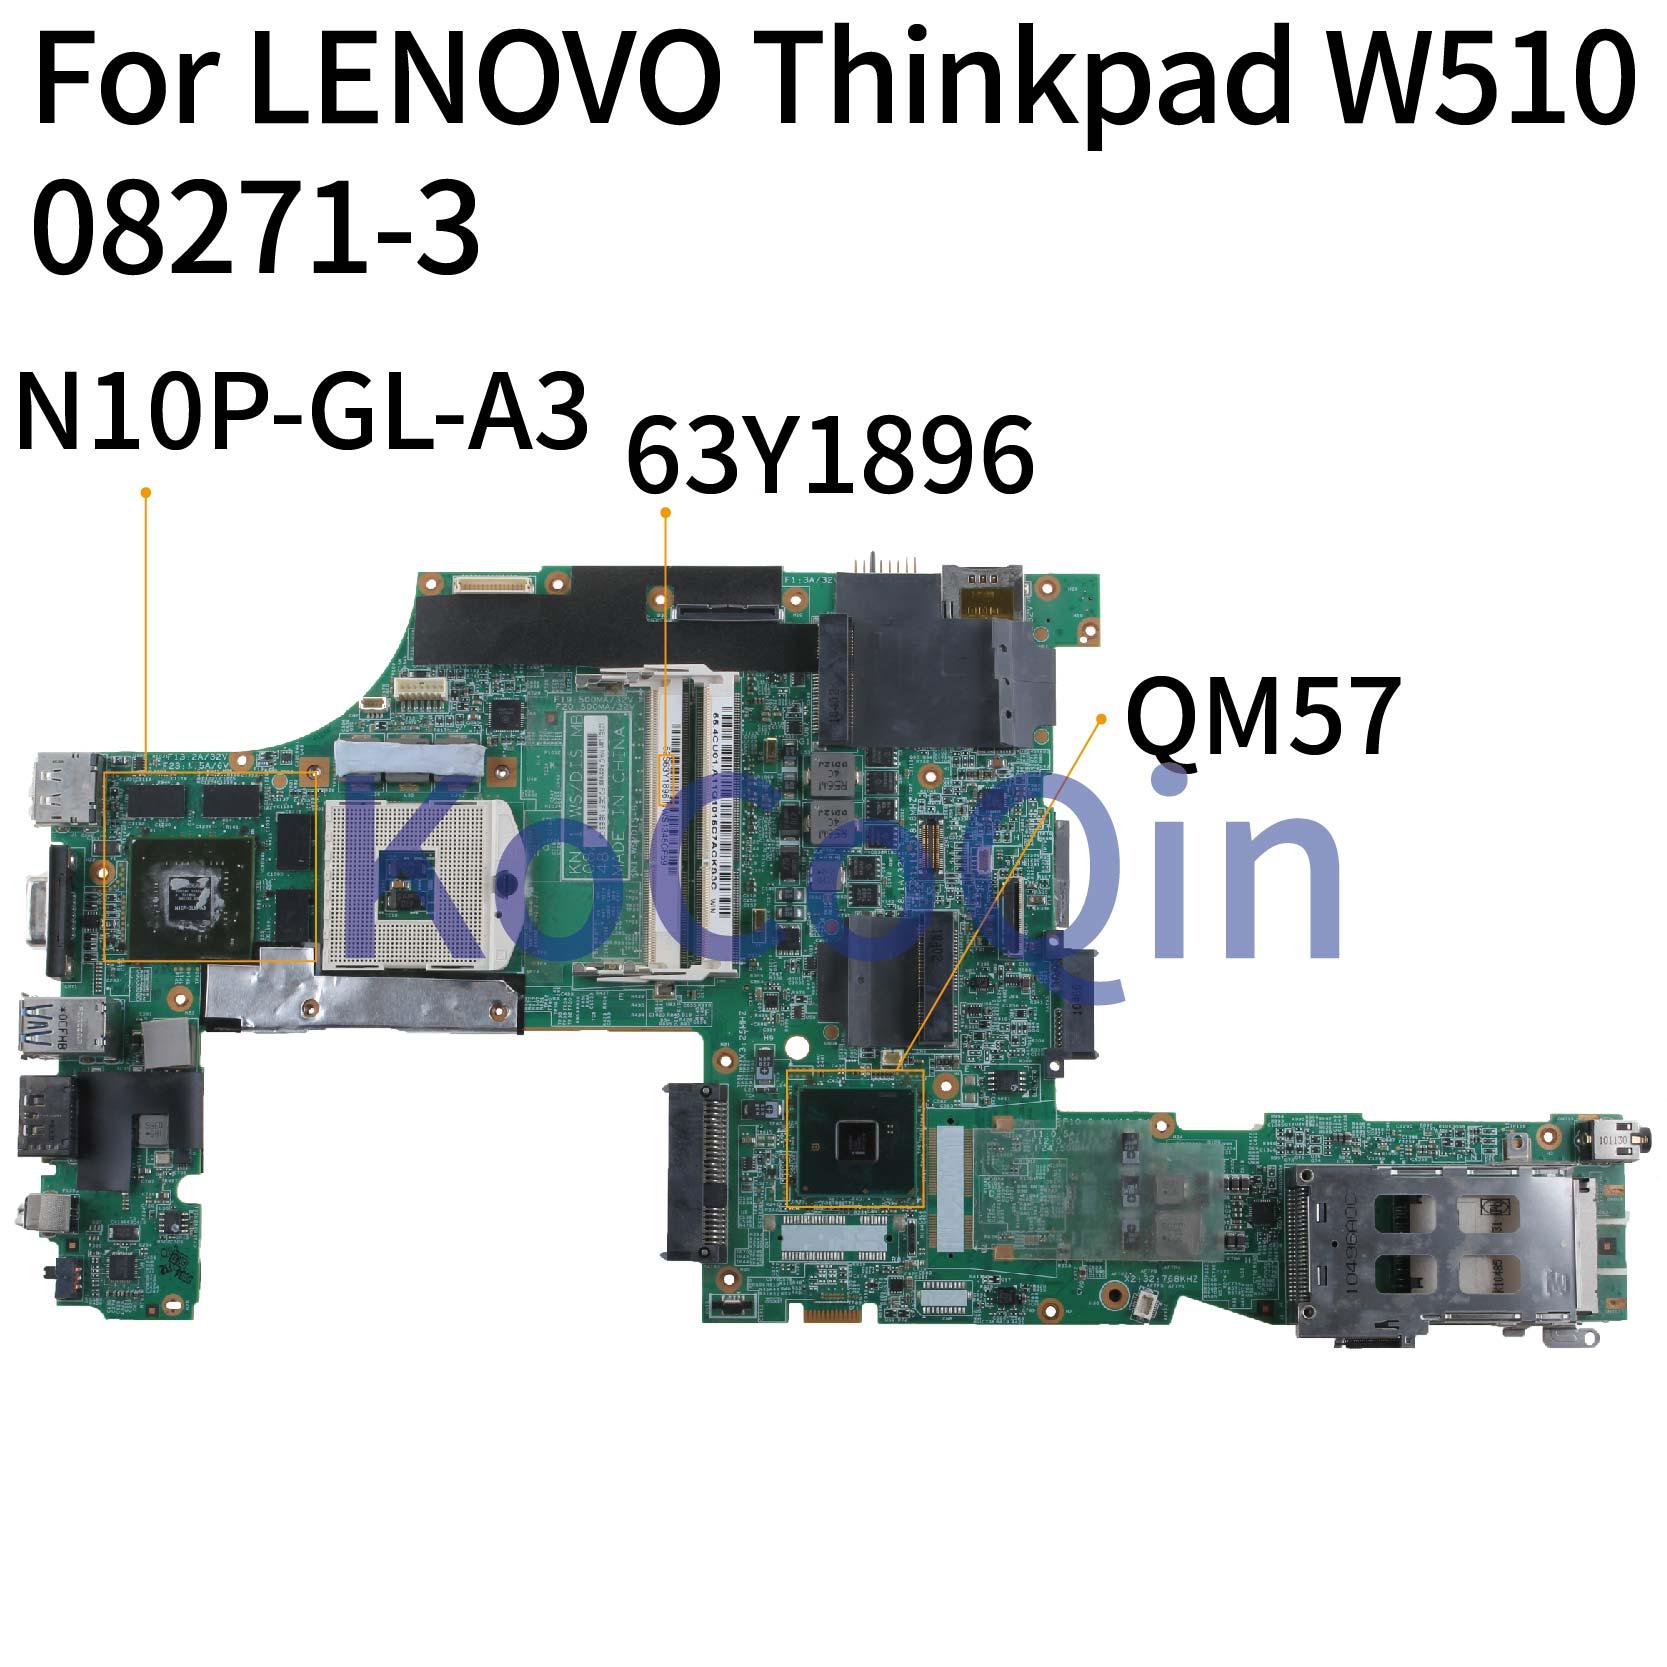 KoCoQin Laptop Motherboard For LENOVO Thinkpad W510 Mainboard 63Y1896 63Y1551 63Y2022 75Y4115 08271-3 48.4CU14.0 QM57 N10P-GL-A3